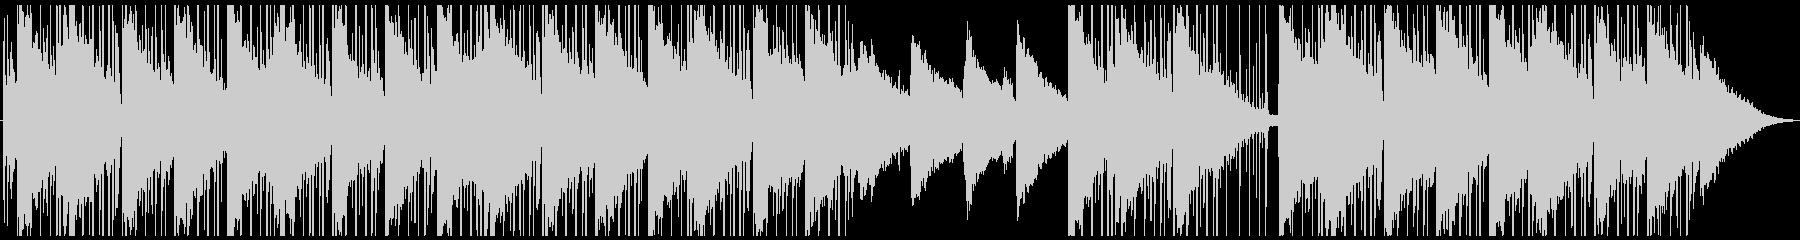 スタイリッシュなローファイヒップホップの未再生の波形